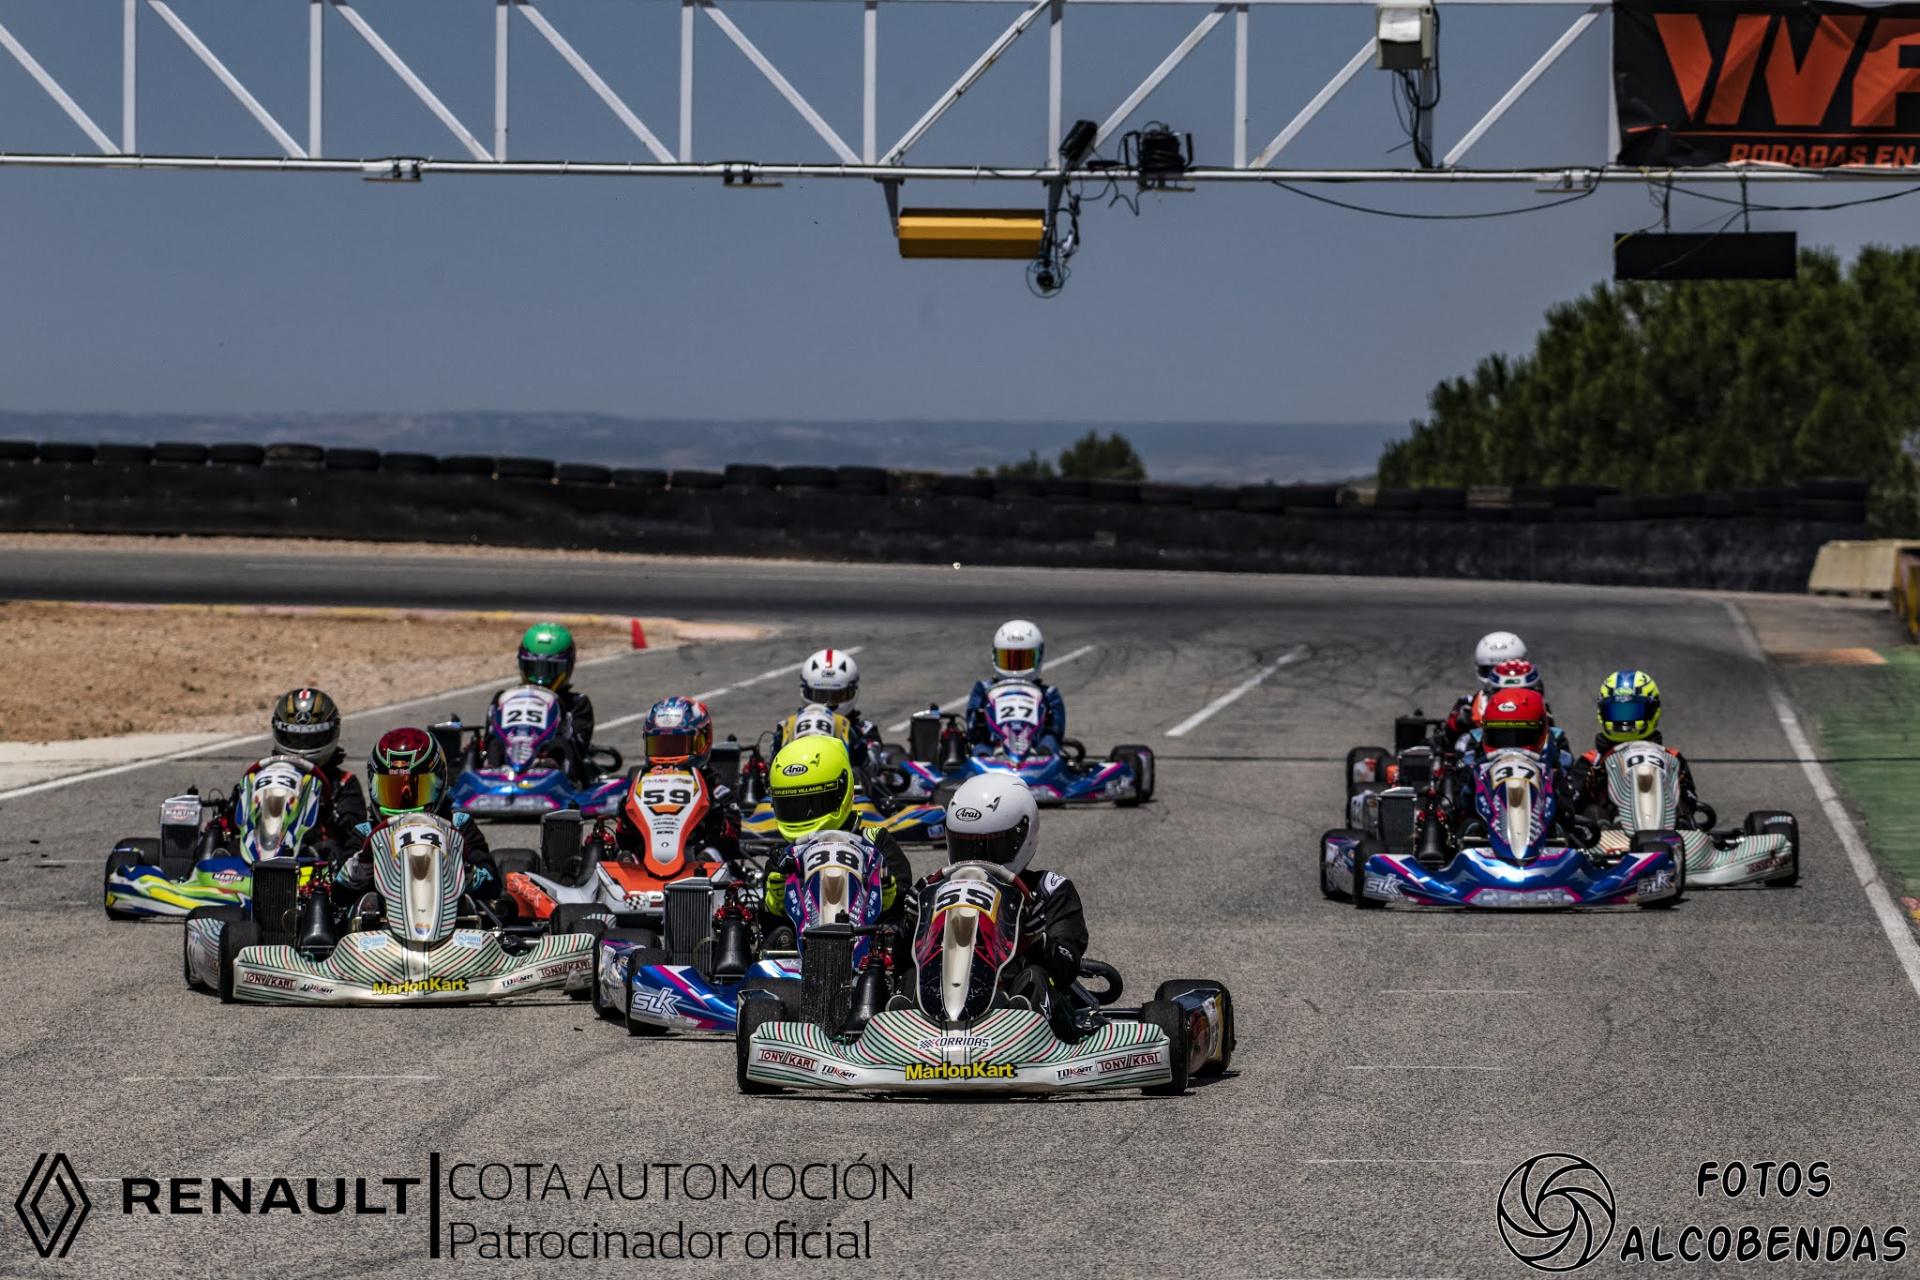 El Campeonato Madrileño de karting 2021 en marcha